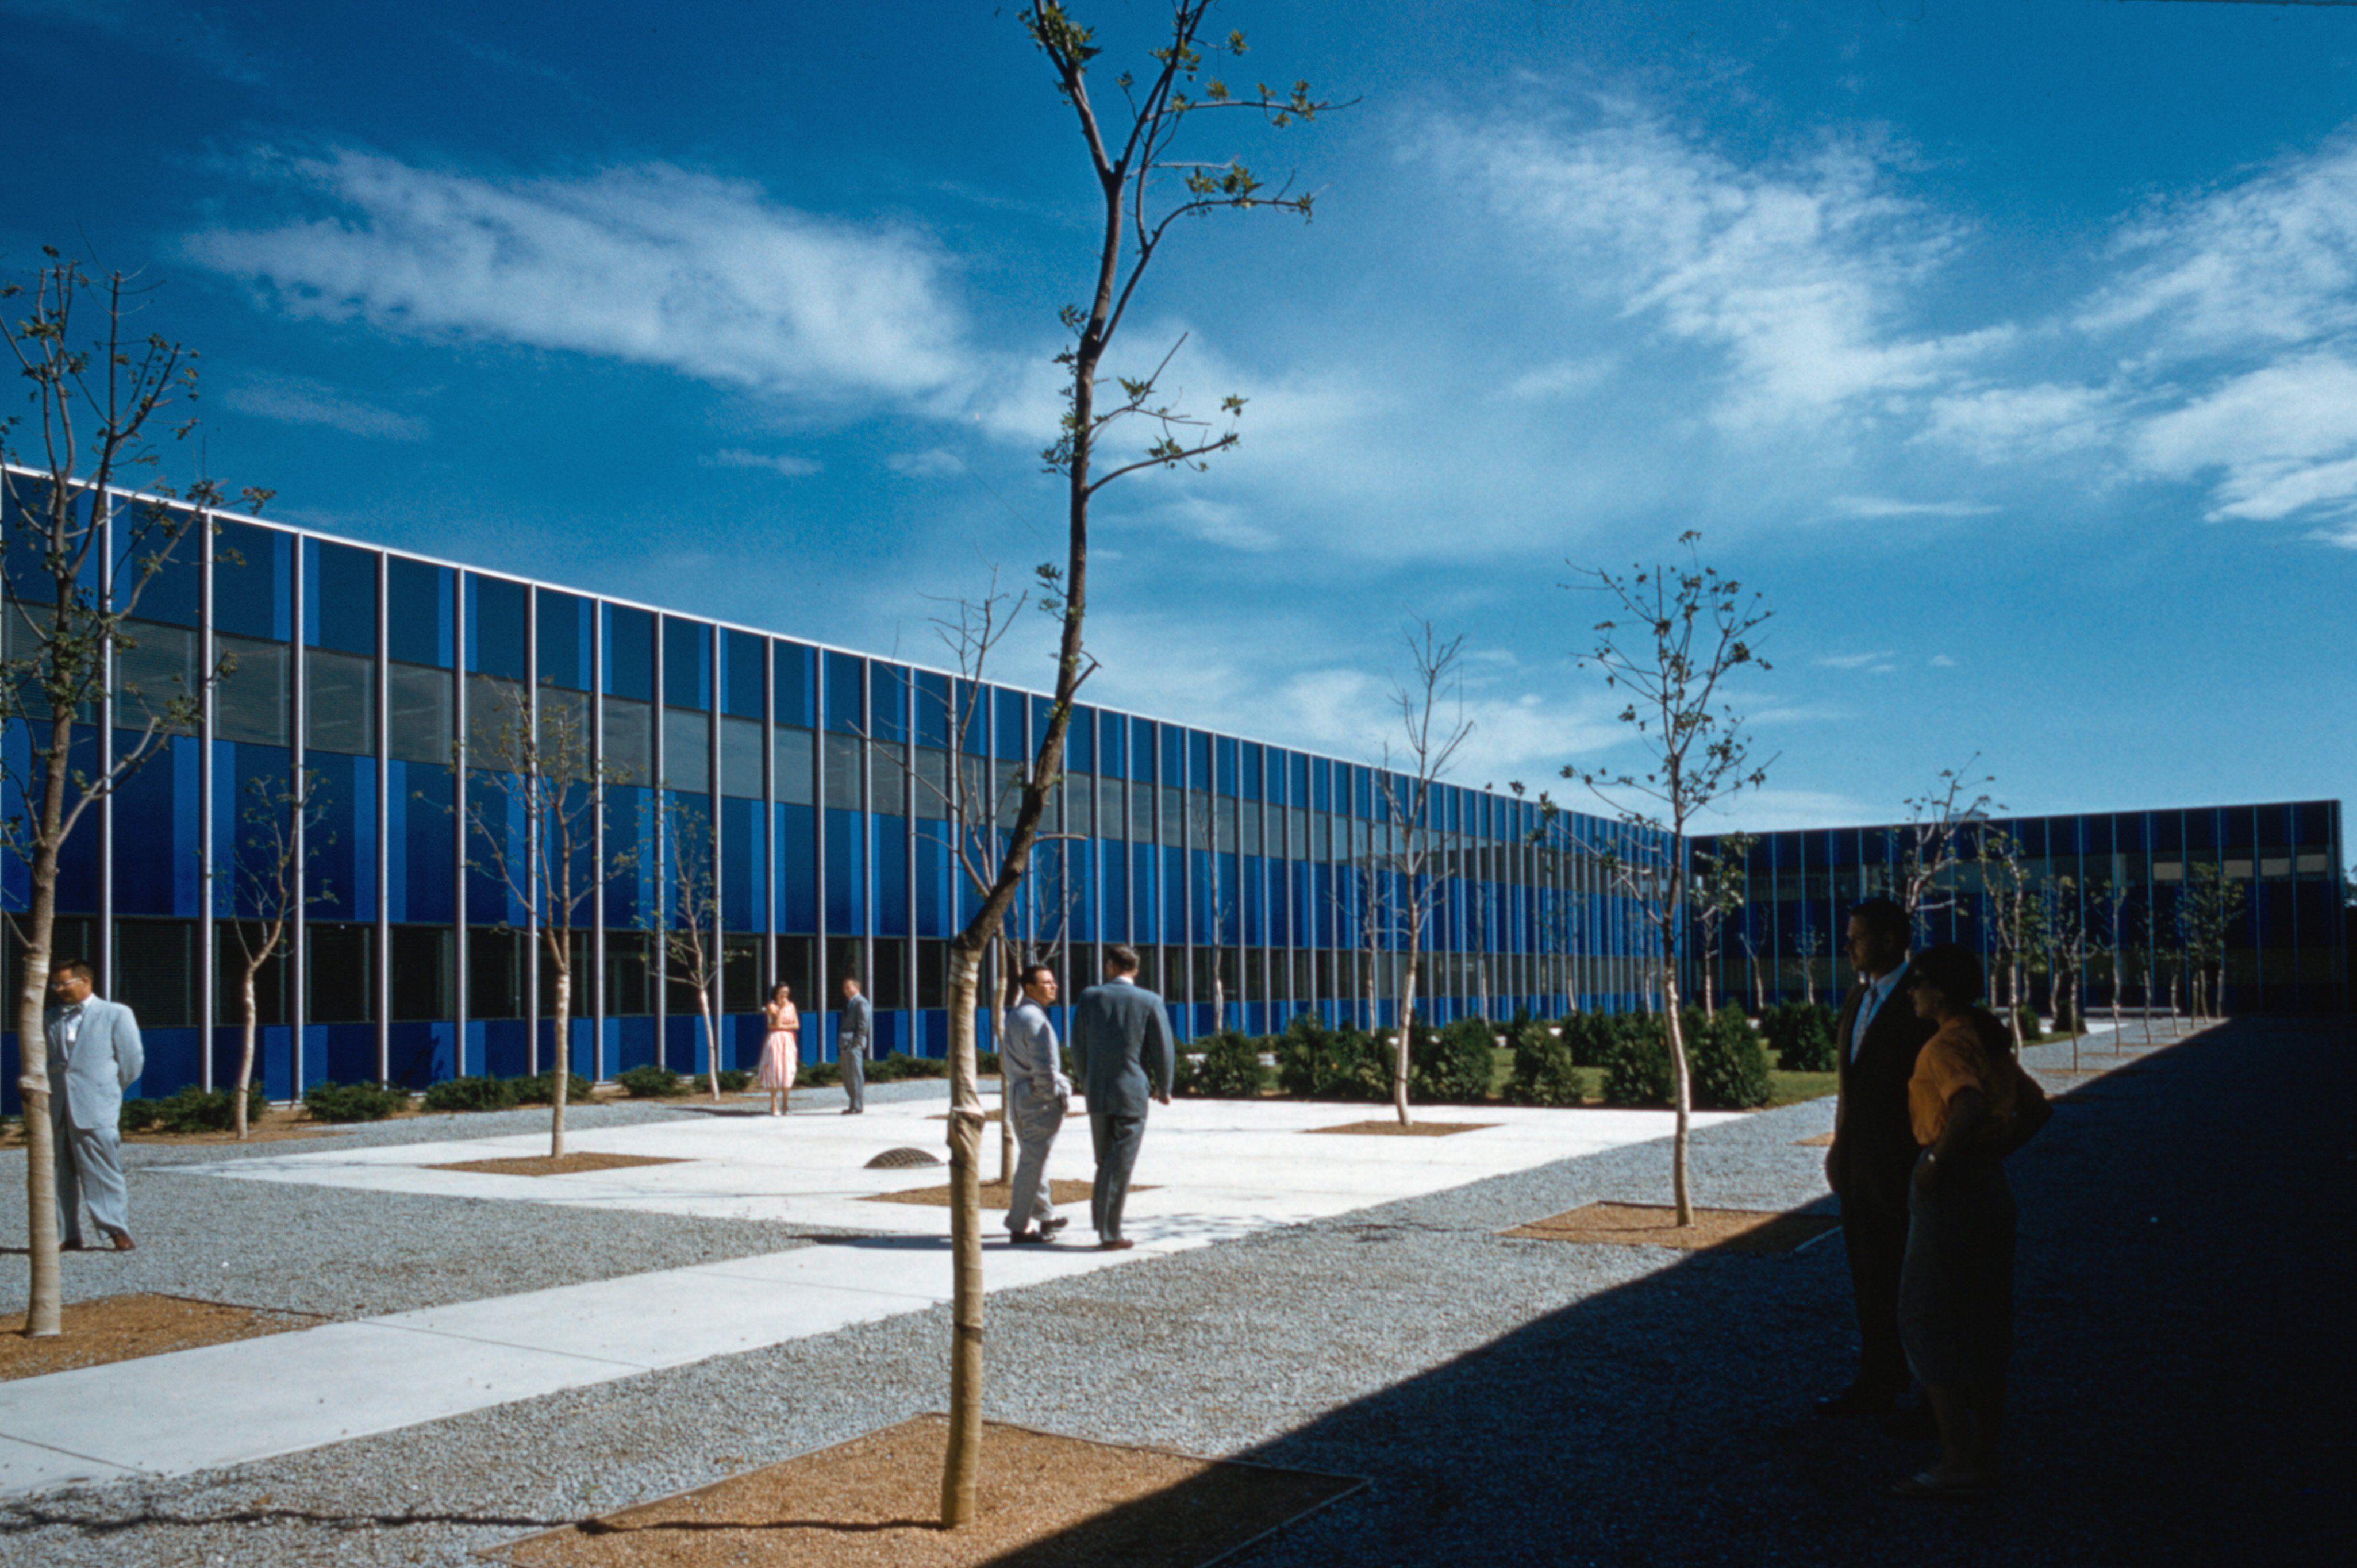 fenêtres teintés bleu de Eero Saarinen-Conçu IBM Center, Rochester, Minnesota, c.  1957